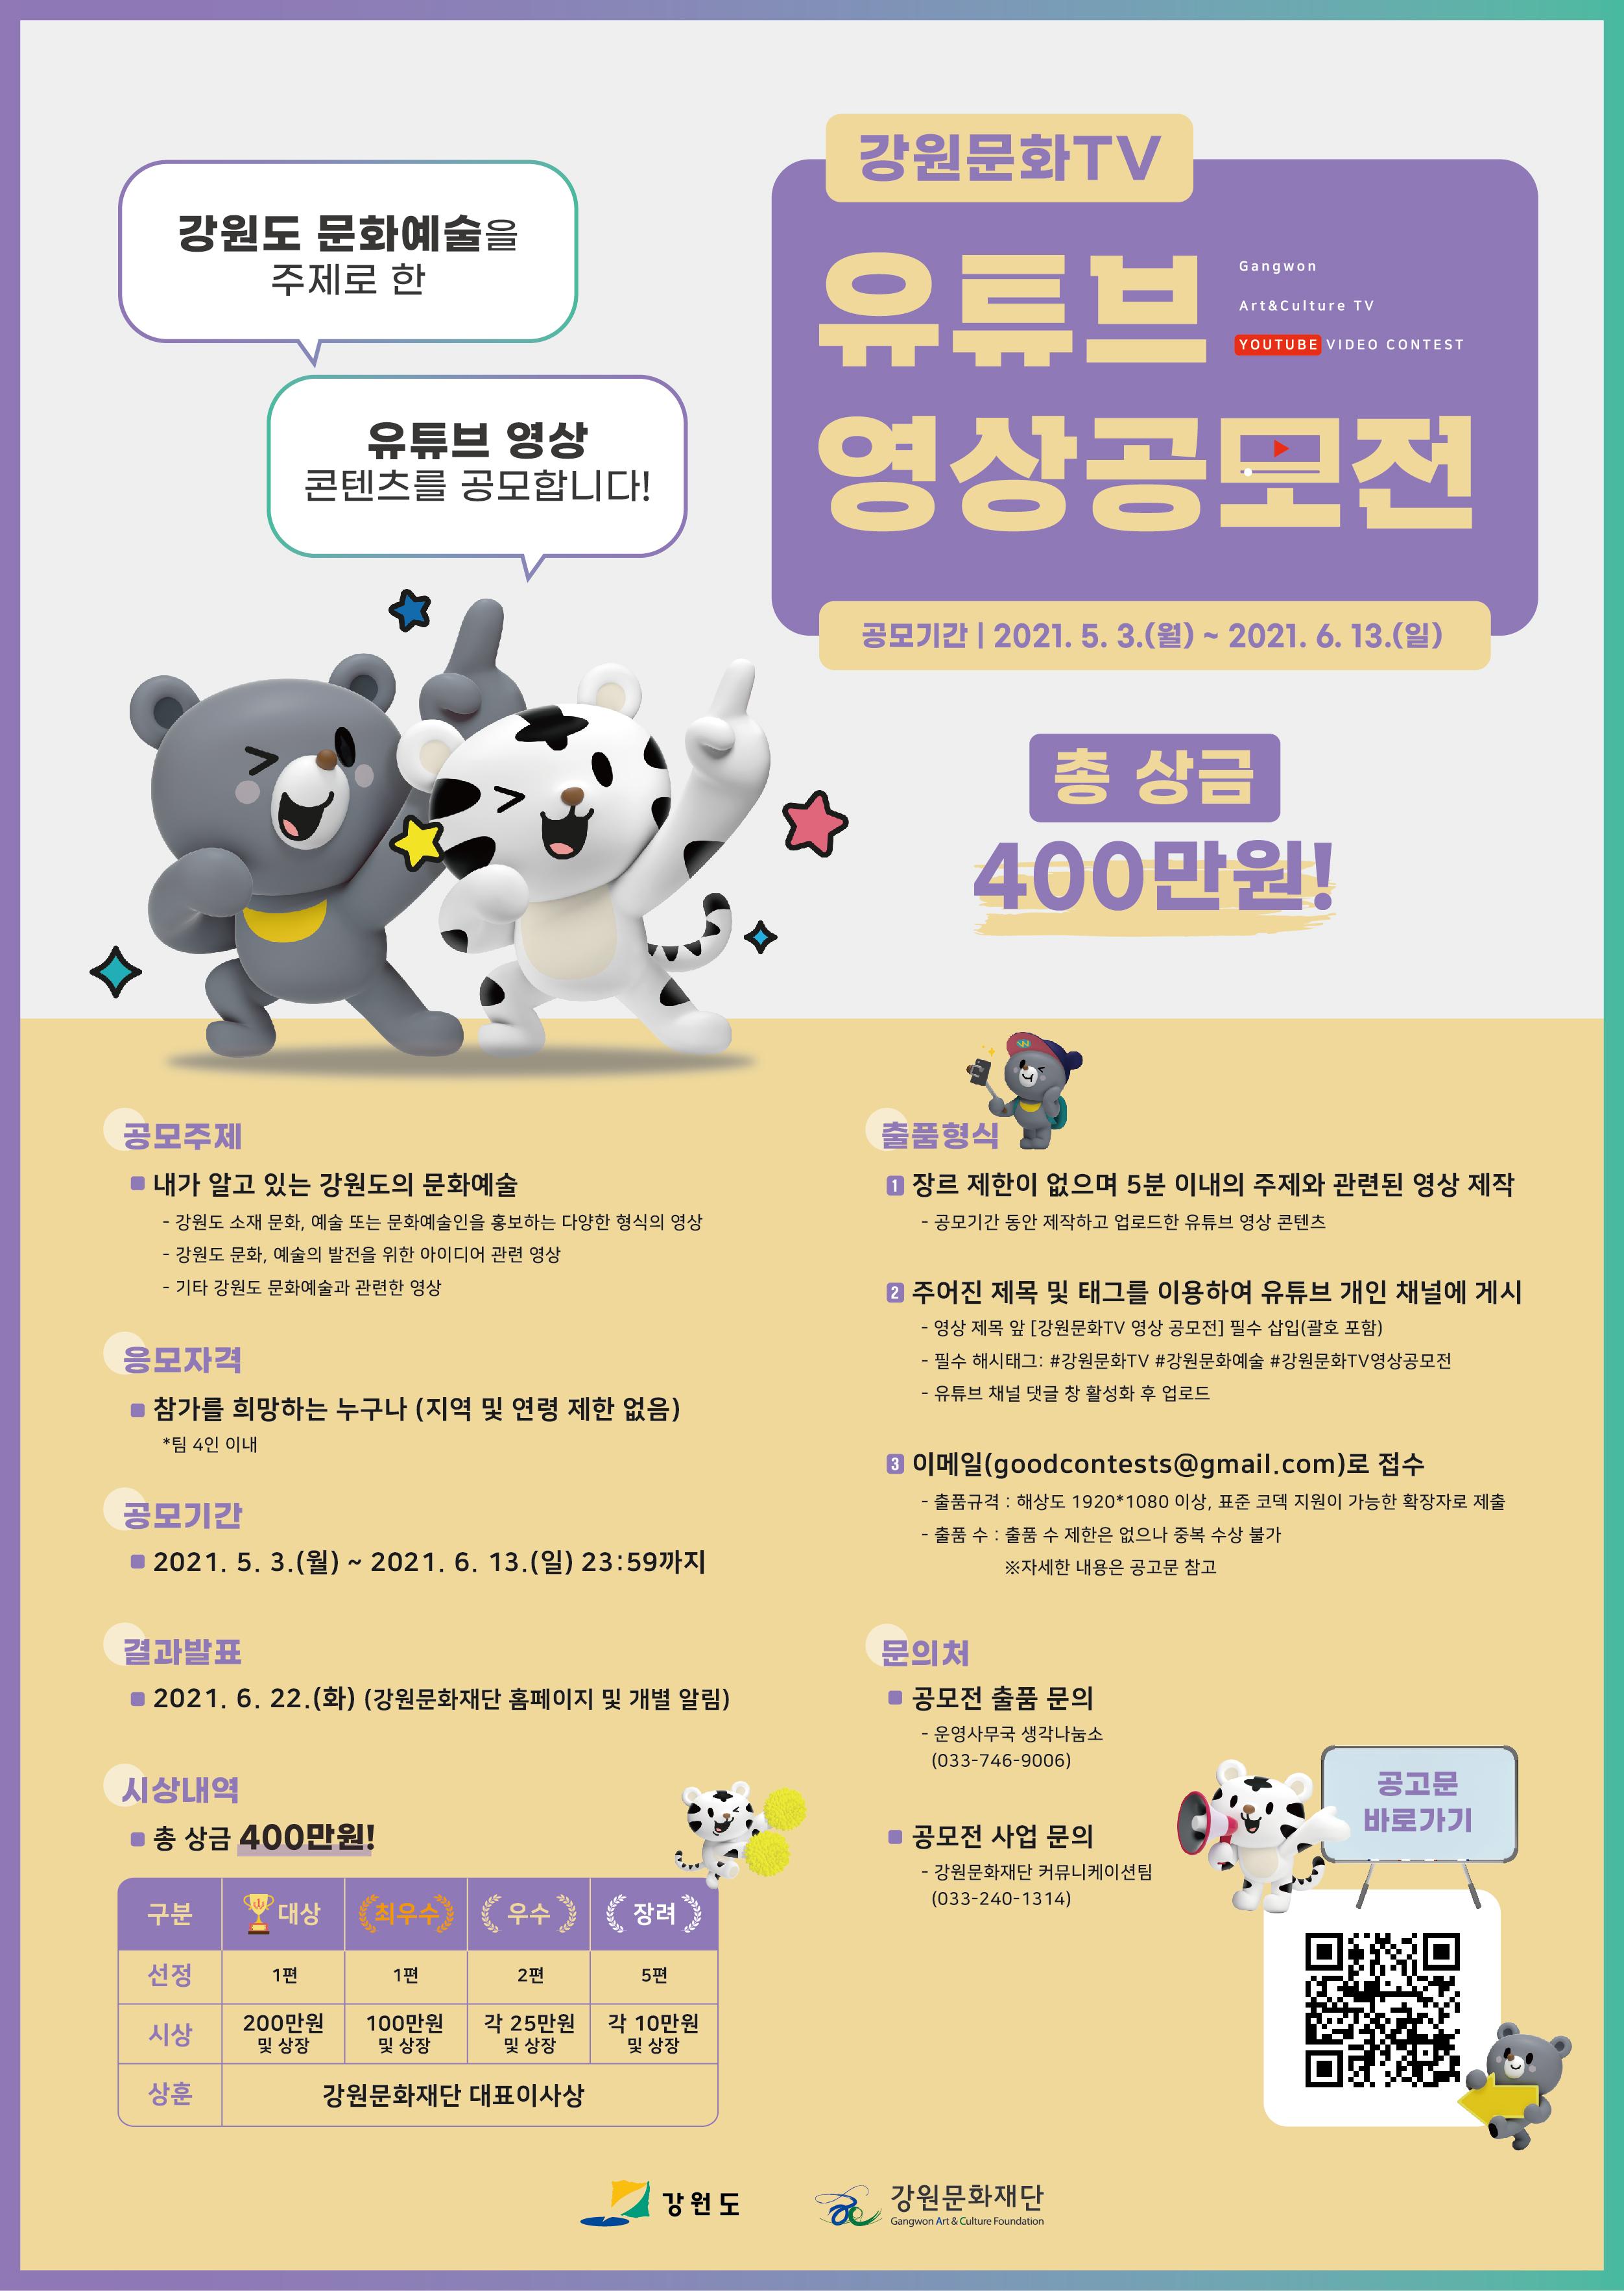 강원문화TV 영상공모전 포스터